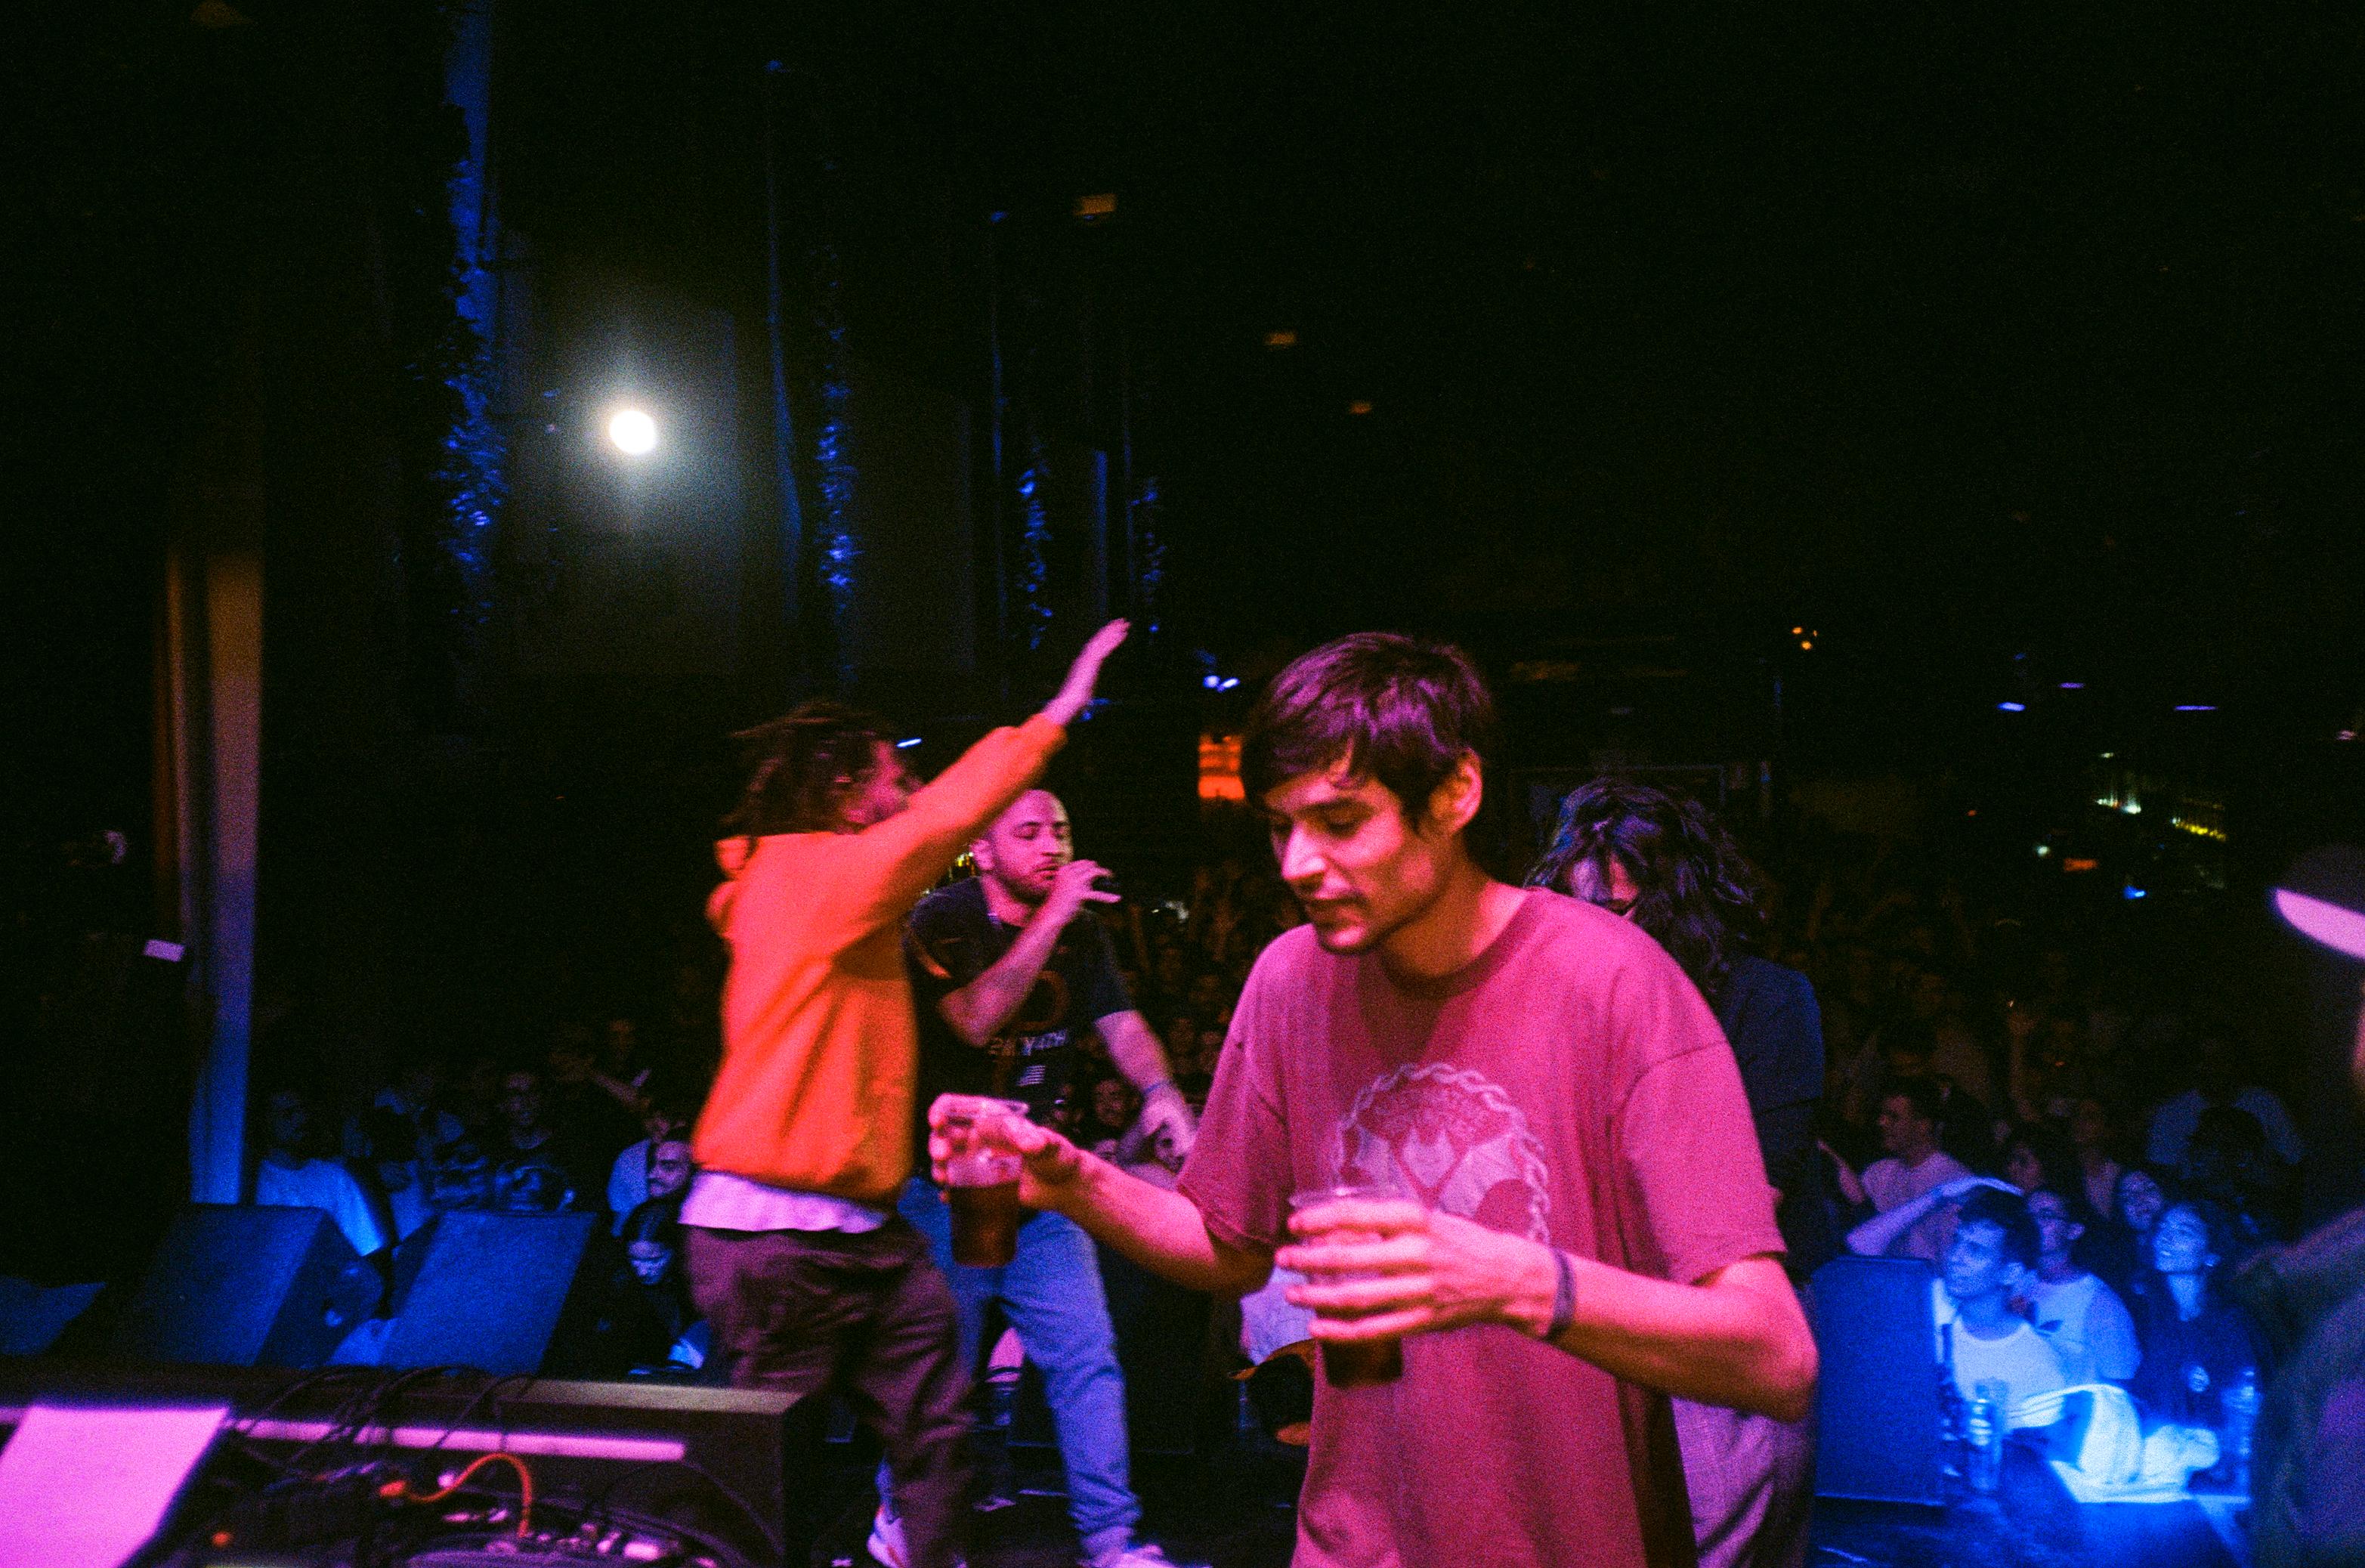 Dano, Hartosopash, y José Benitez en I.D. Party (Fotografía por Alberto Pérez Urraca)